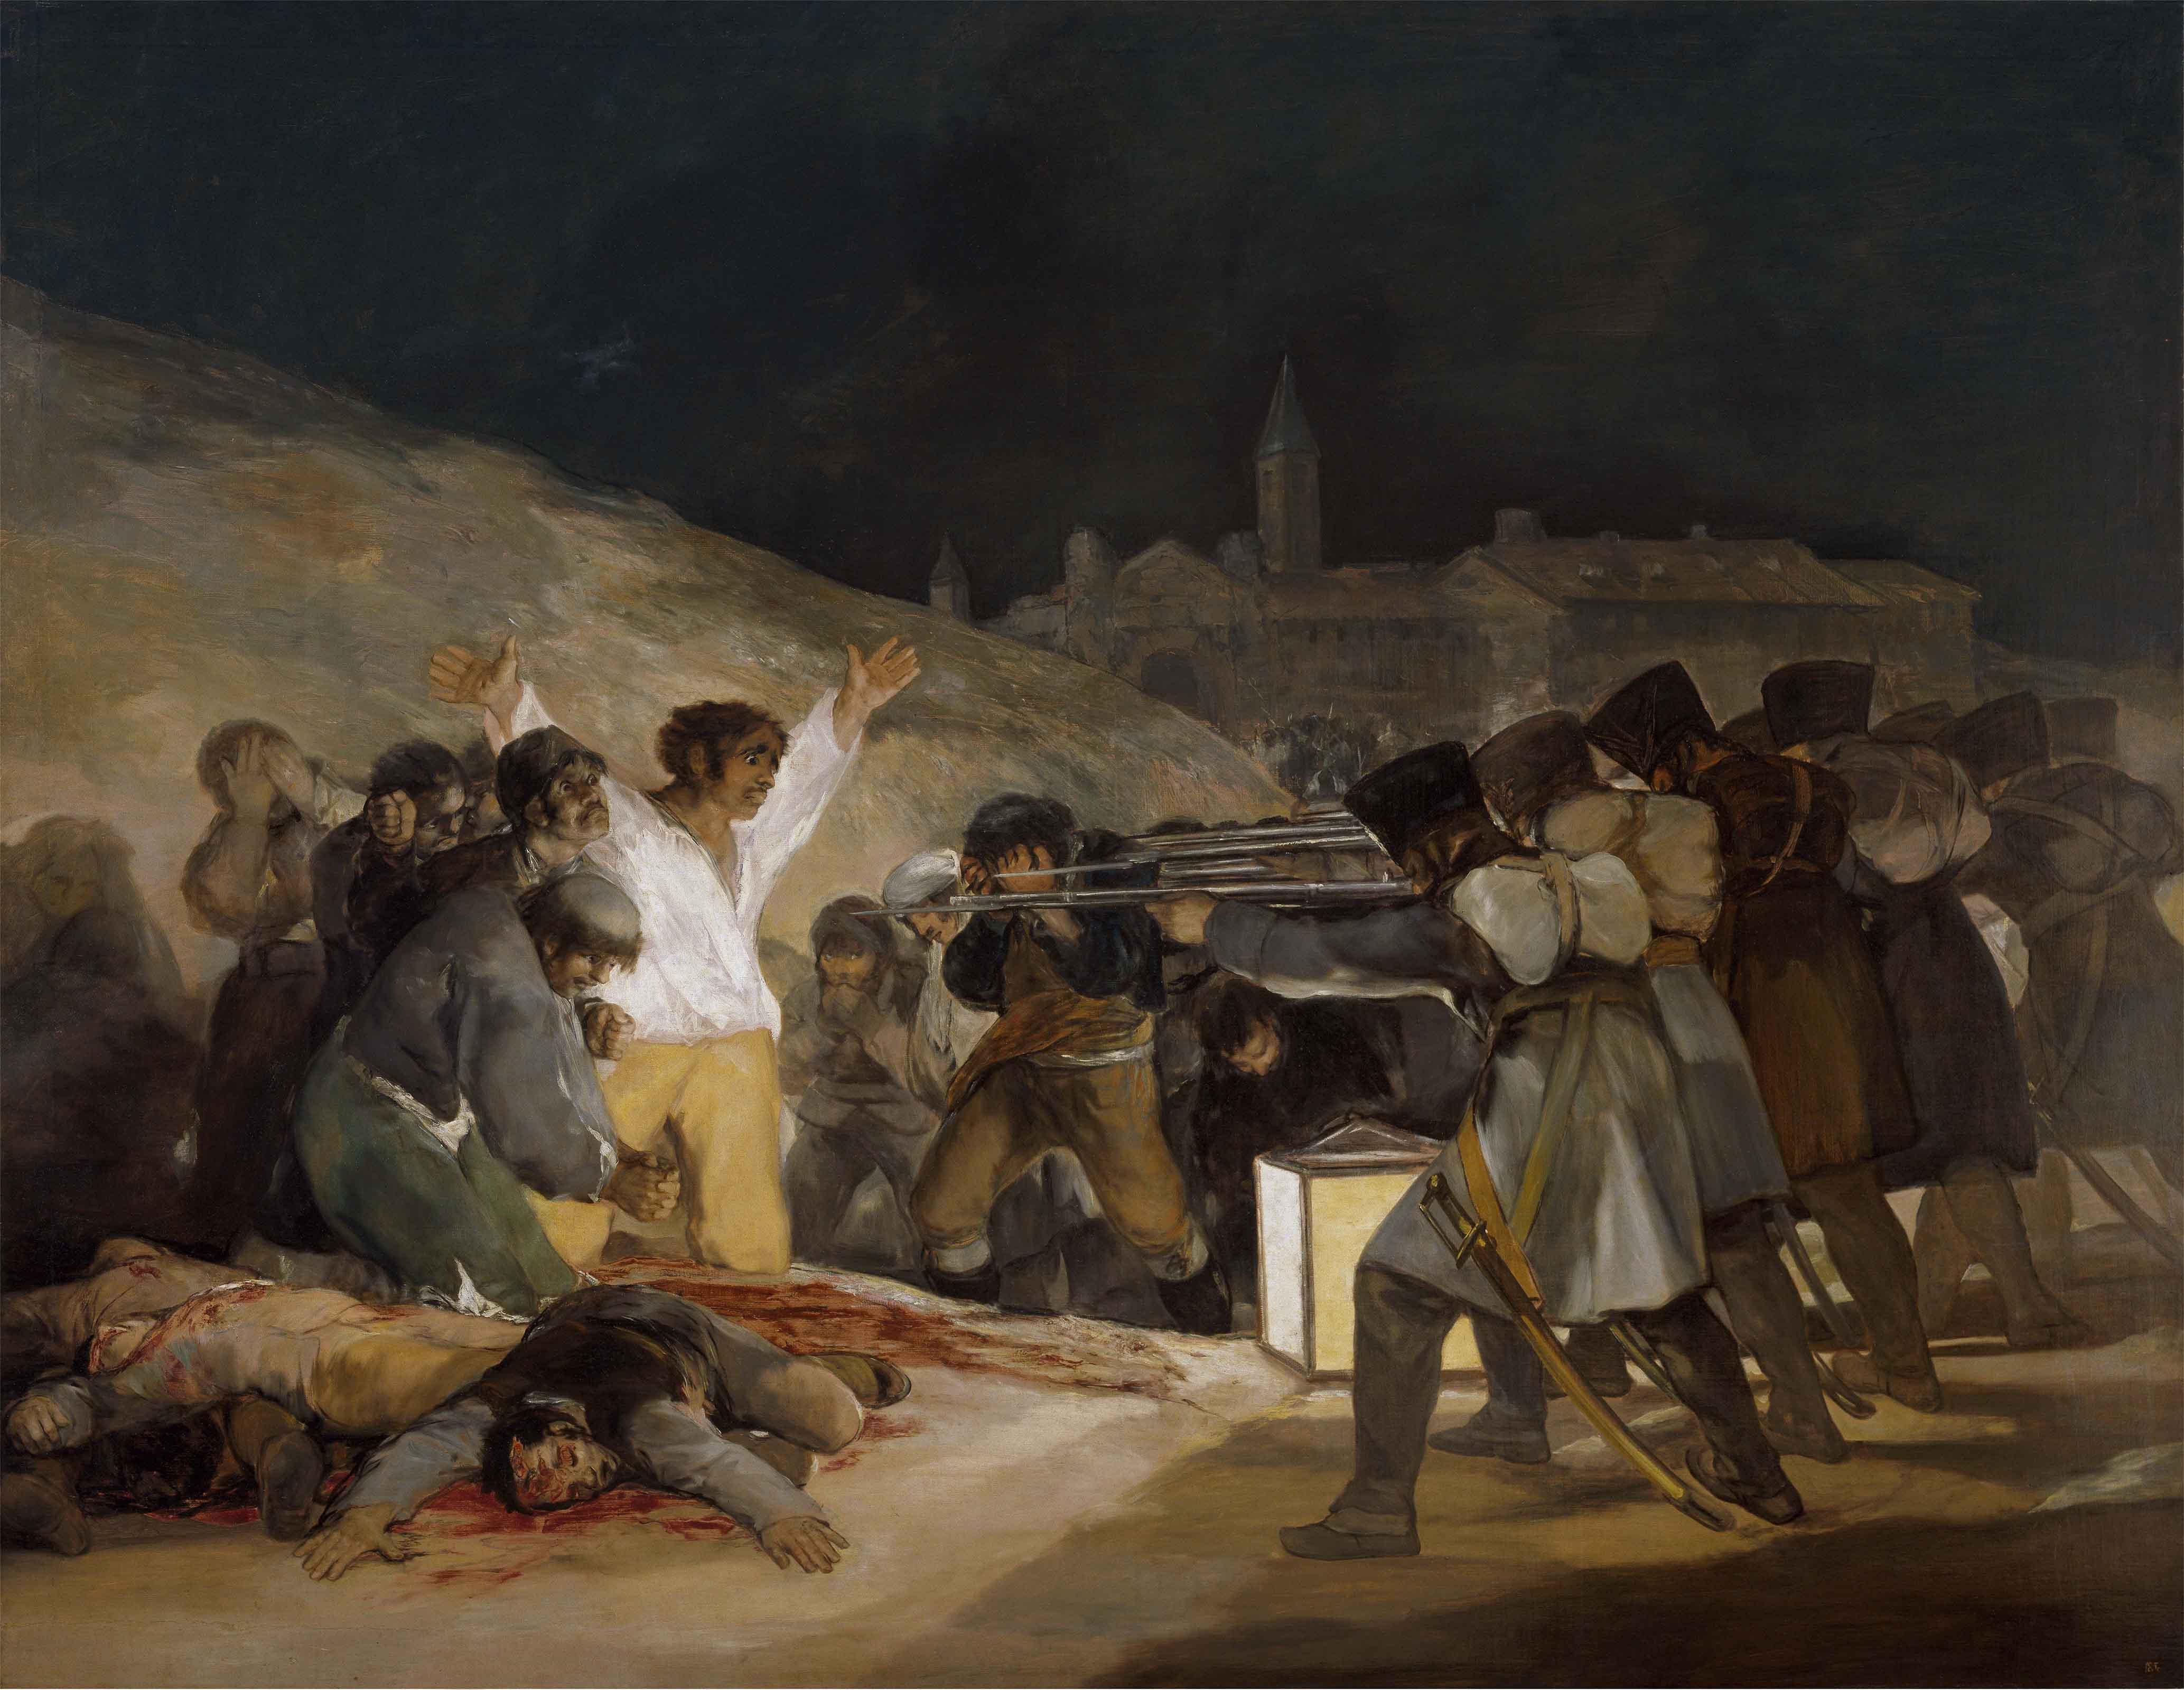 Pintores y Reyes del Prado, el cine celebra el 200 aniversario del Museo del Prado